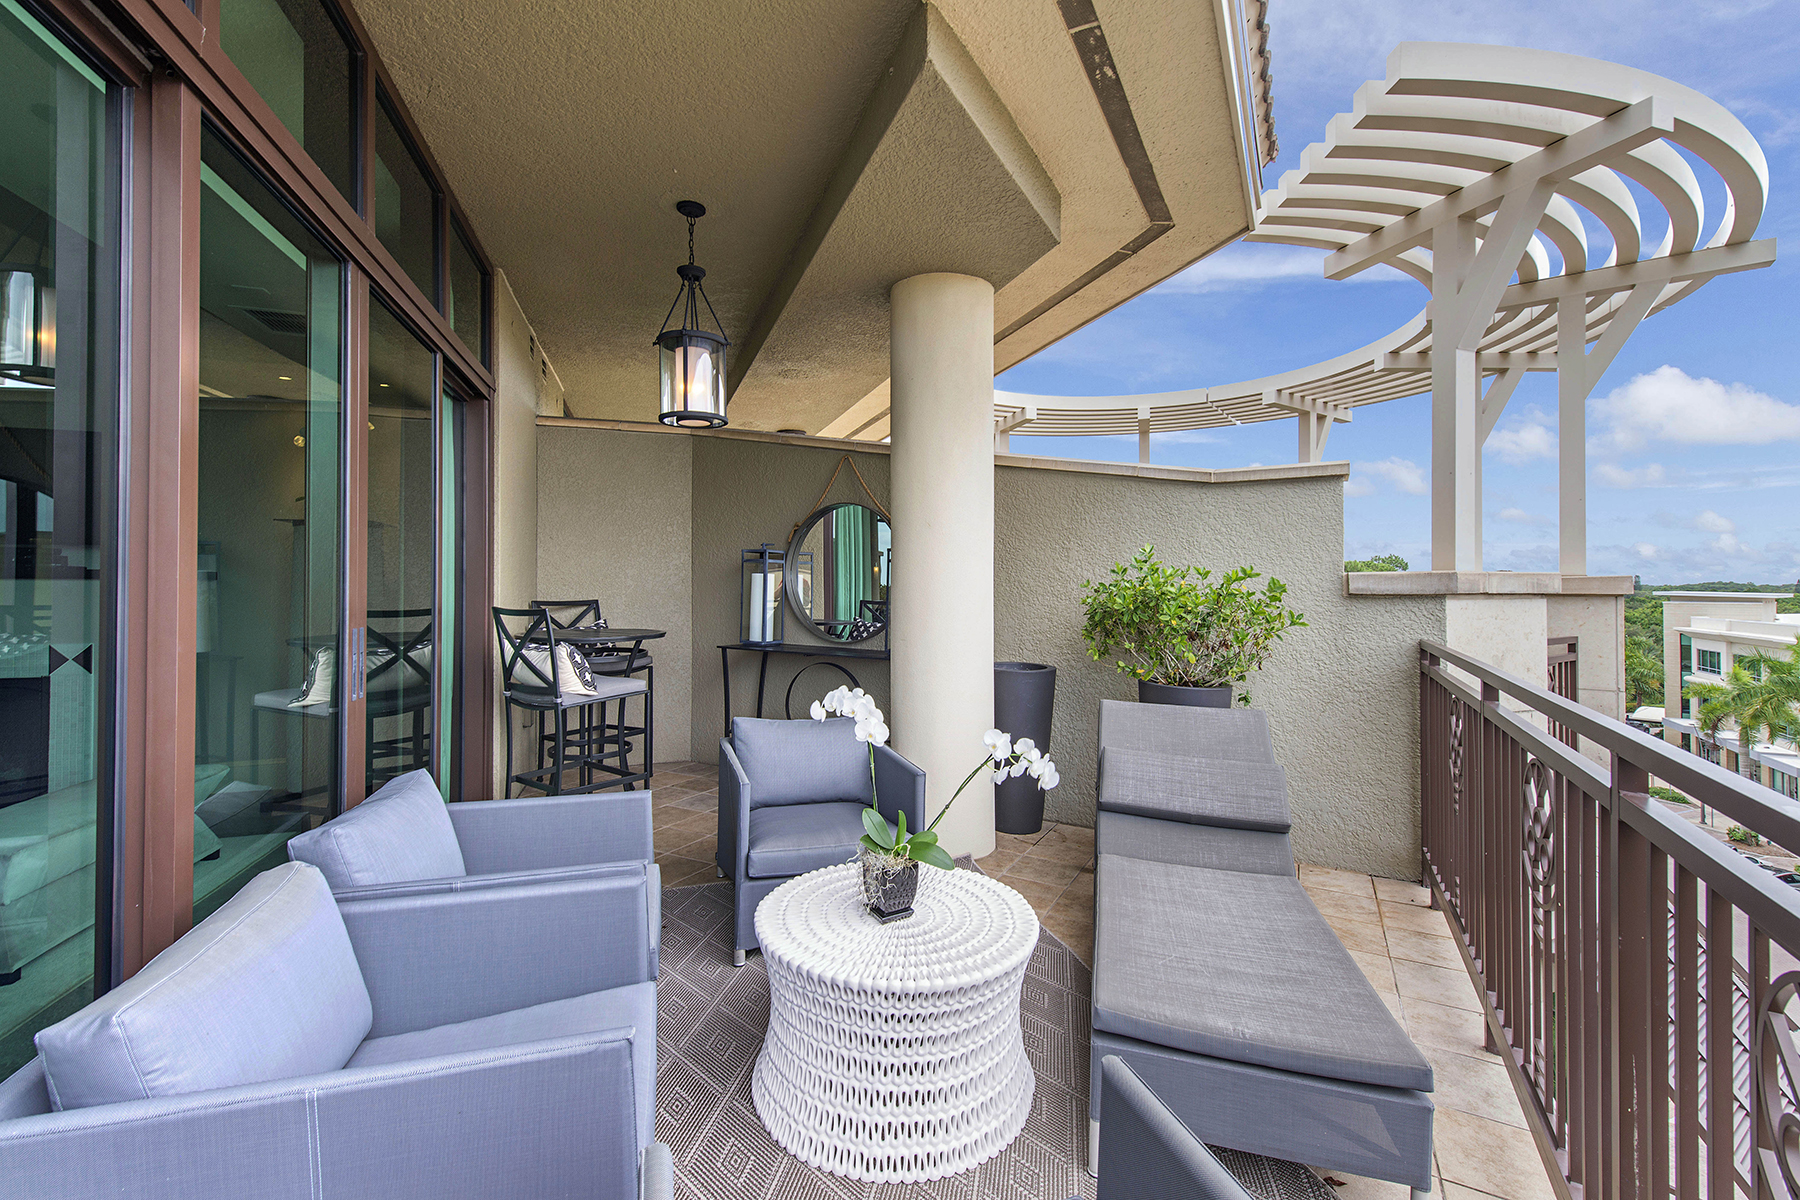 Condominium for Sale at 9123 Strada Pl , 7510, Naples, FL 34108 9123 Strada Pl 7510 Naples, Florida 34108 United States